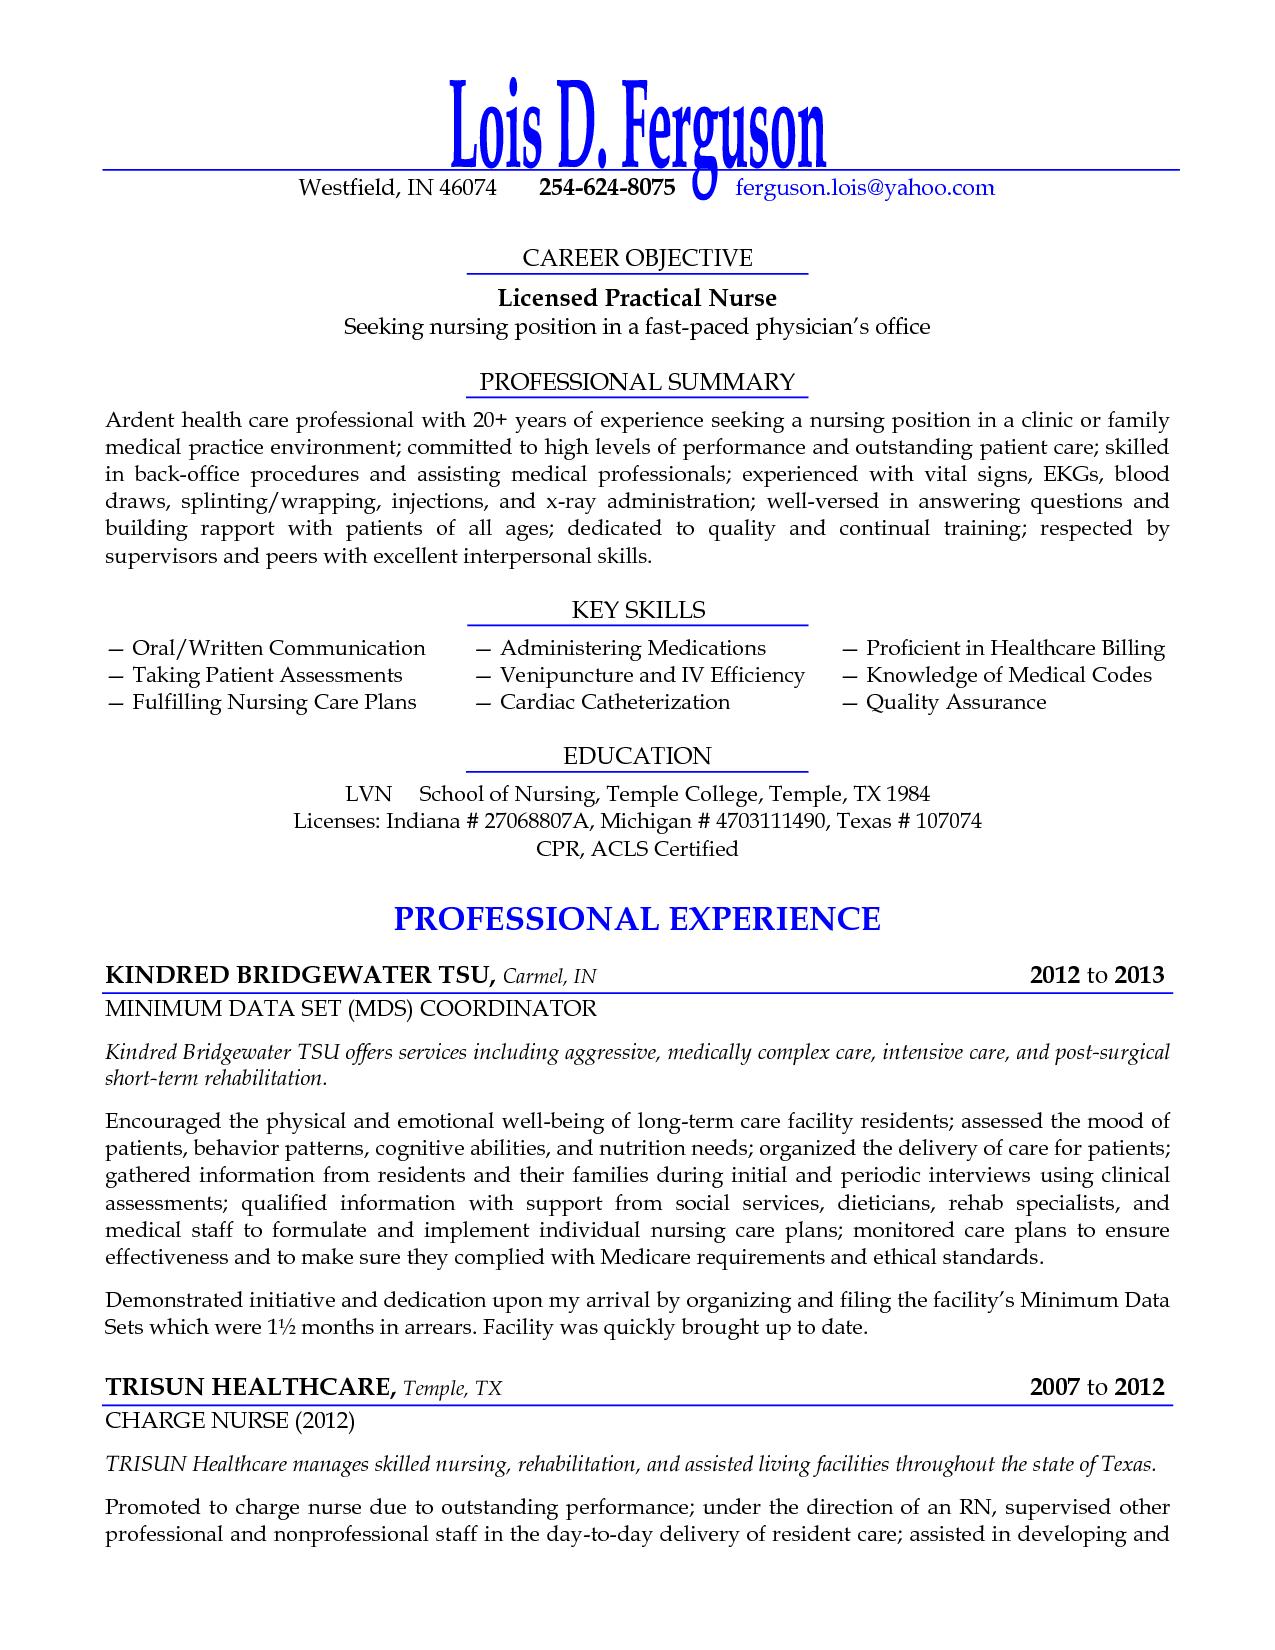 Lpn Resume Objectives Sample For Samples Licensed Practical Nurse